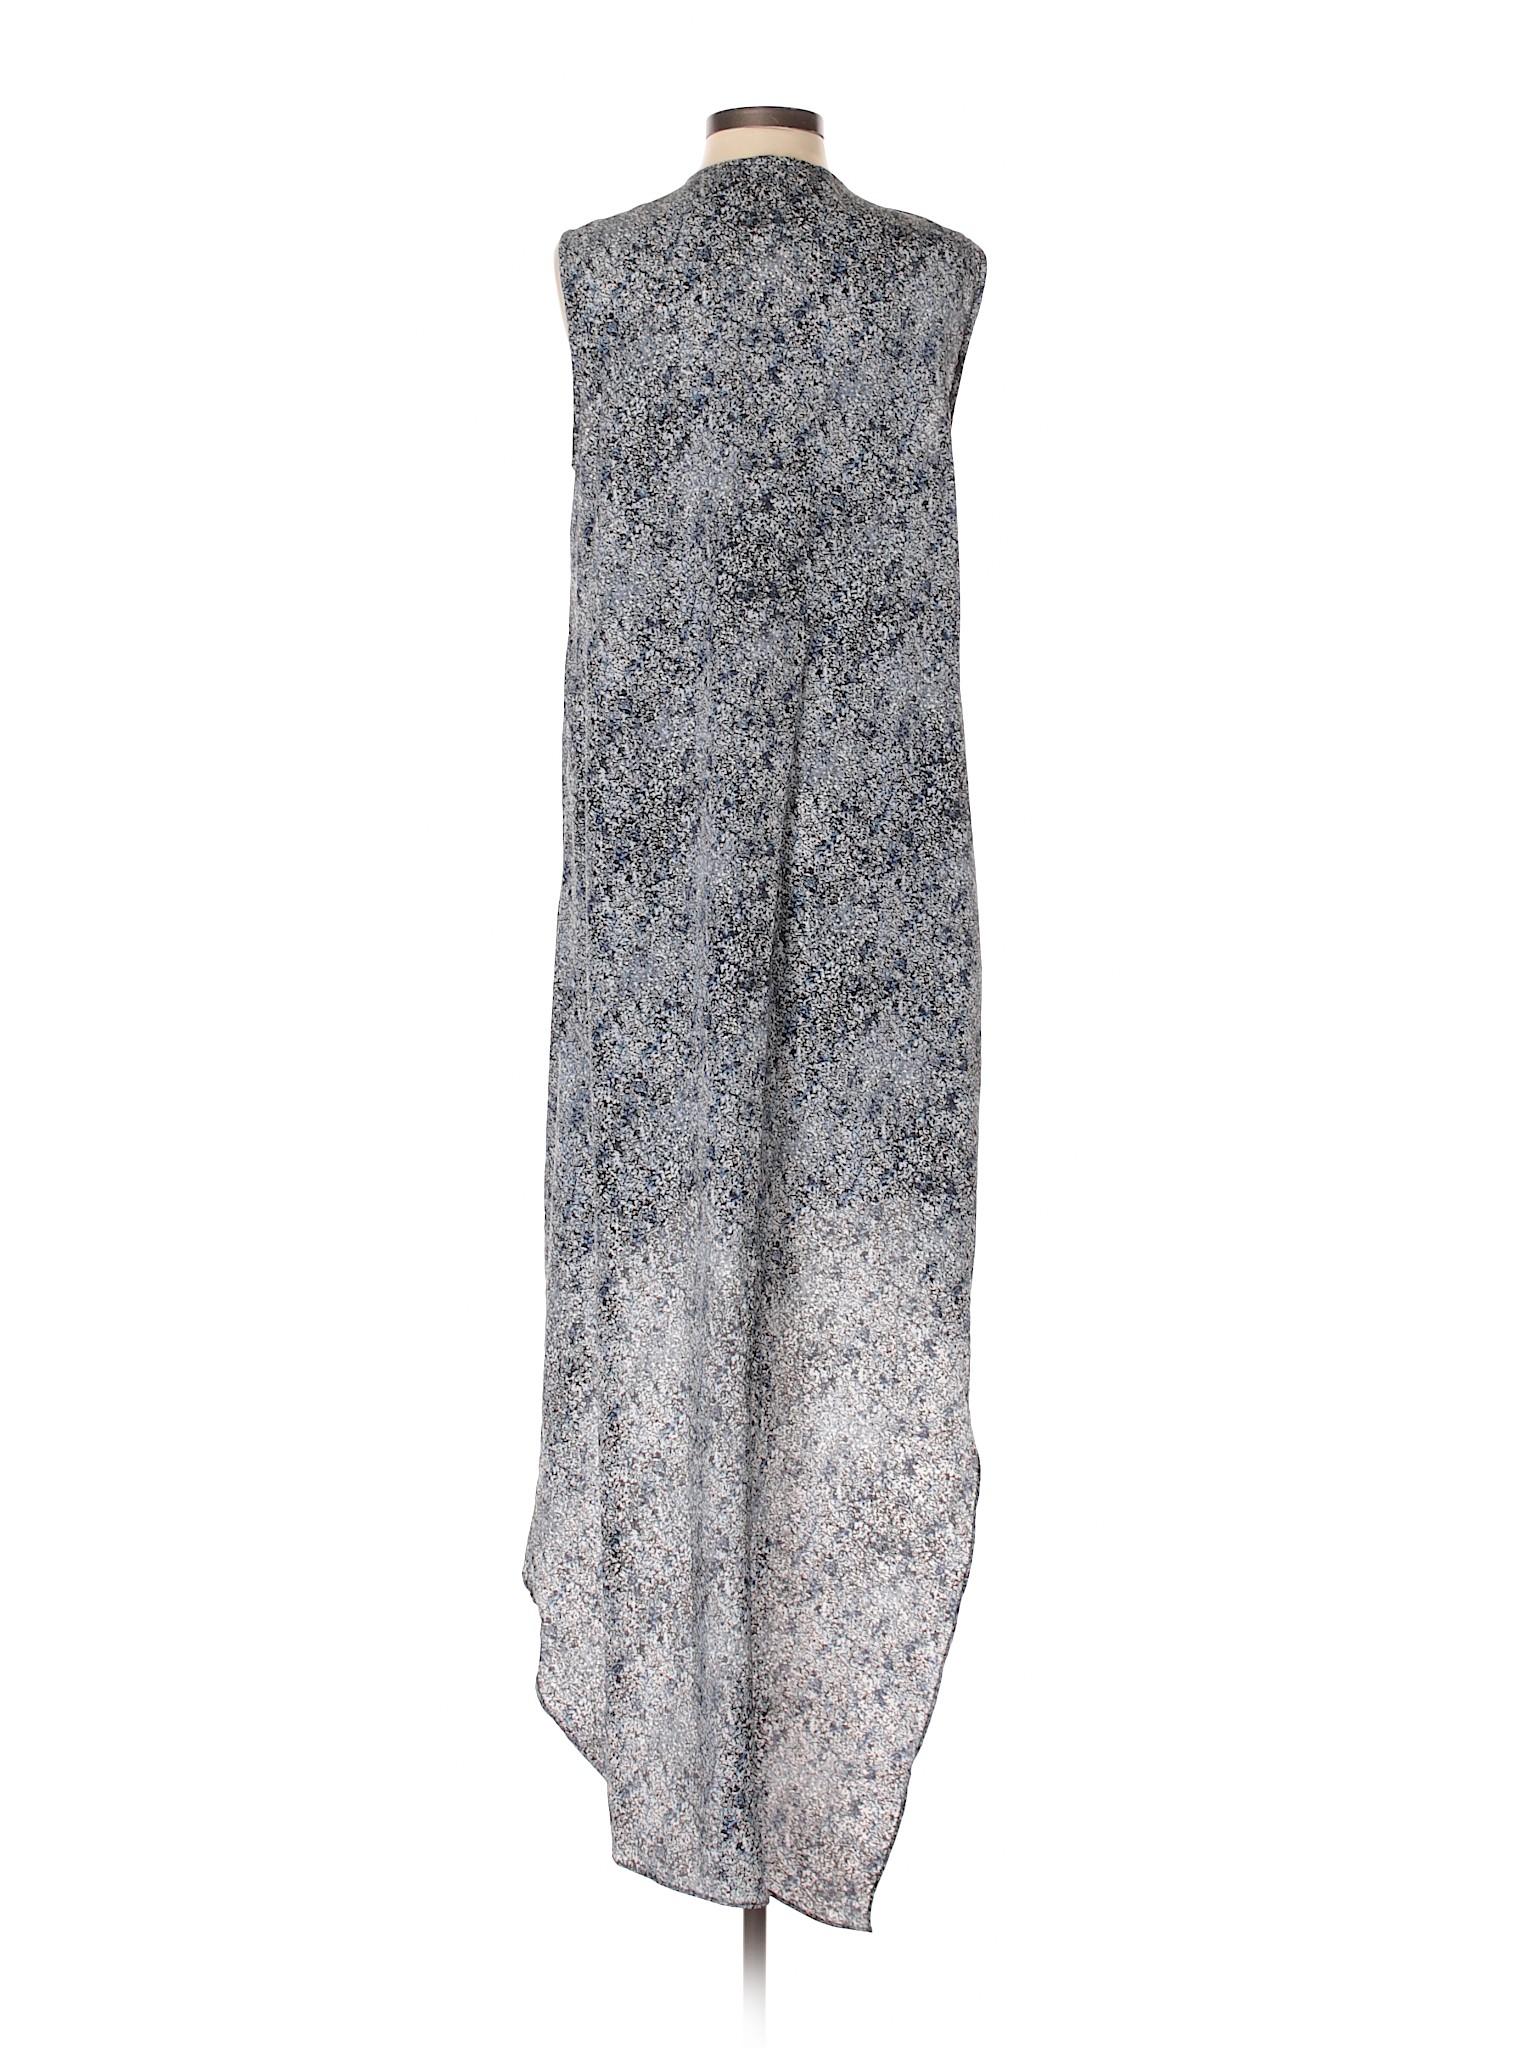 Bcbgmaxazria Boutique Casual Dress Winter Boutique Winter Dress Boutique Bcbgmaxazria Casual XA4AwO0q